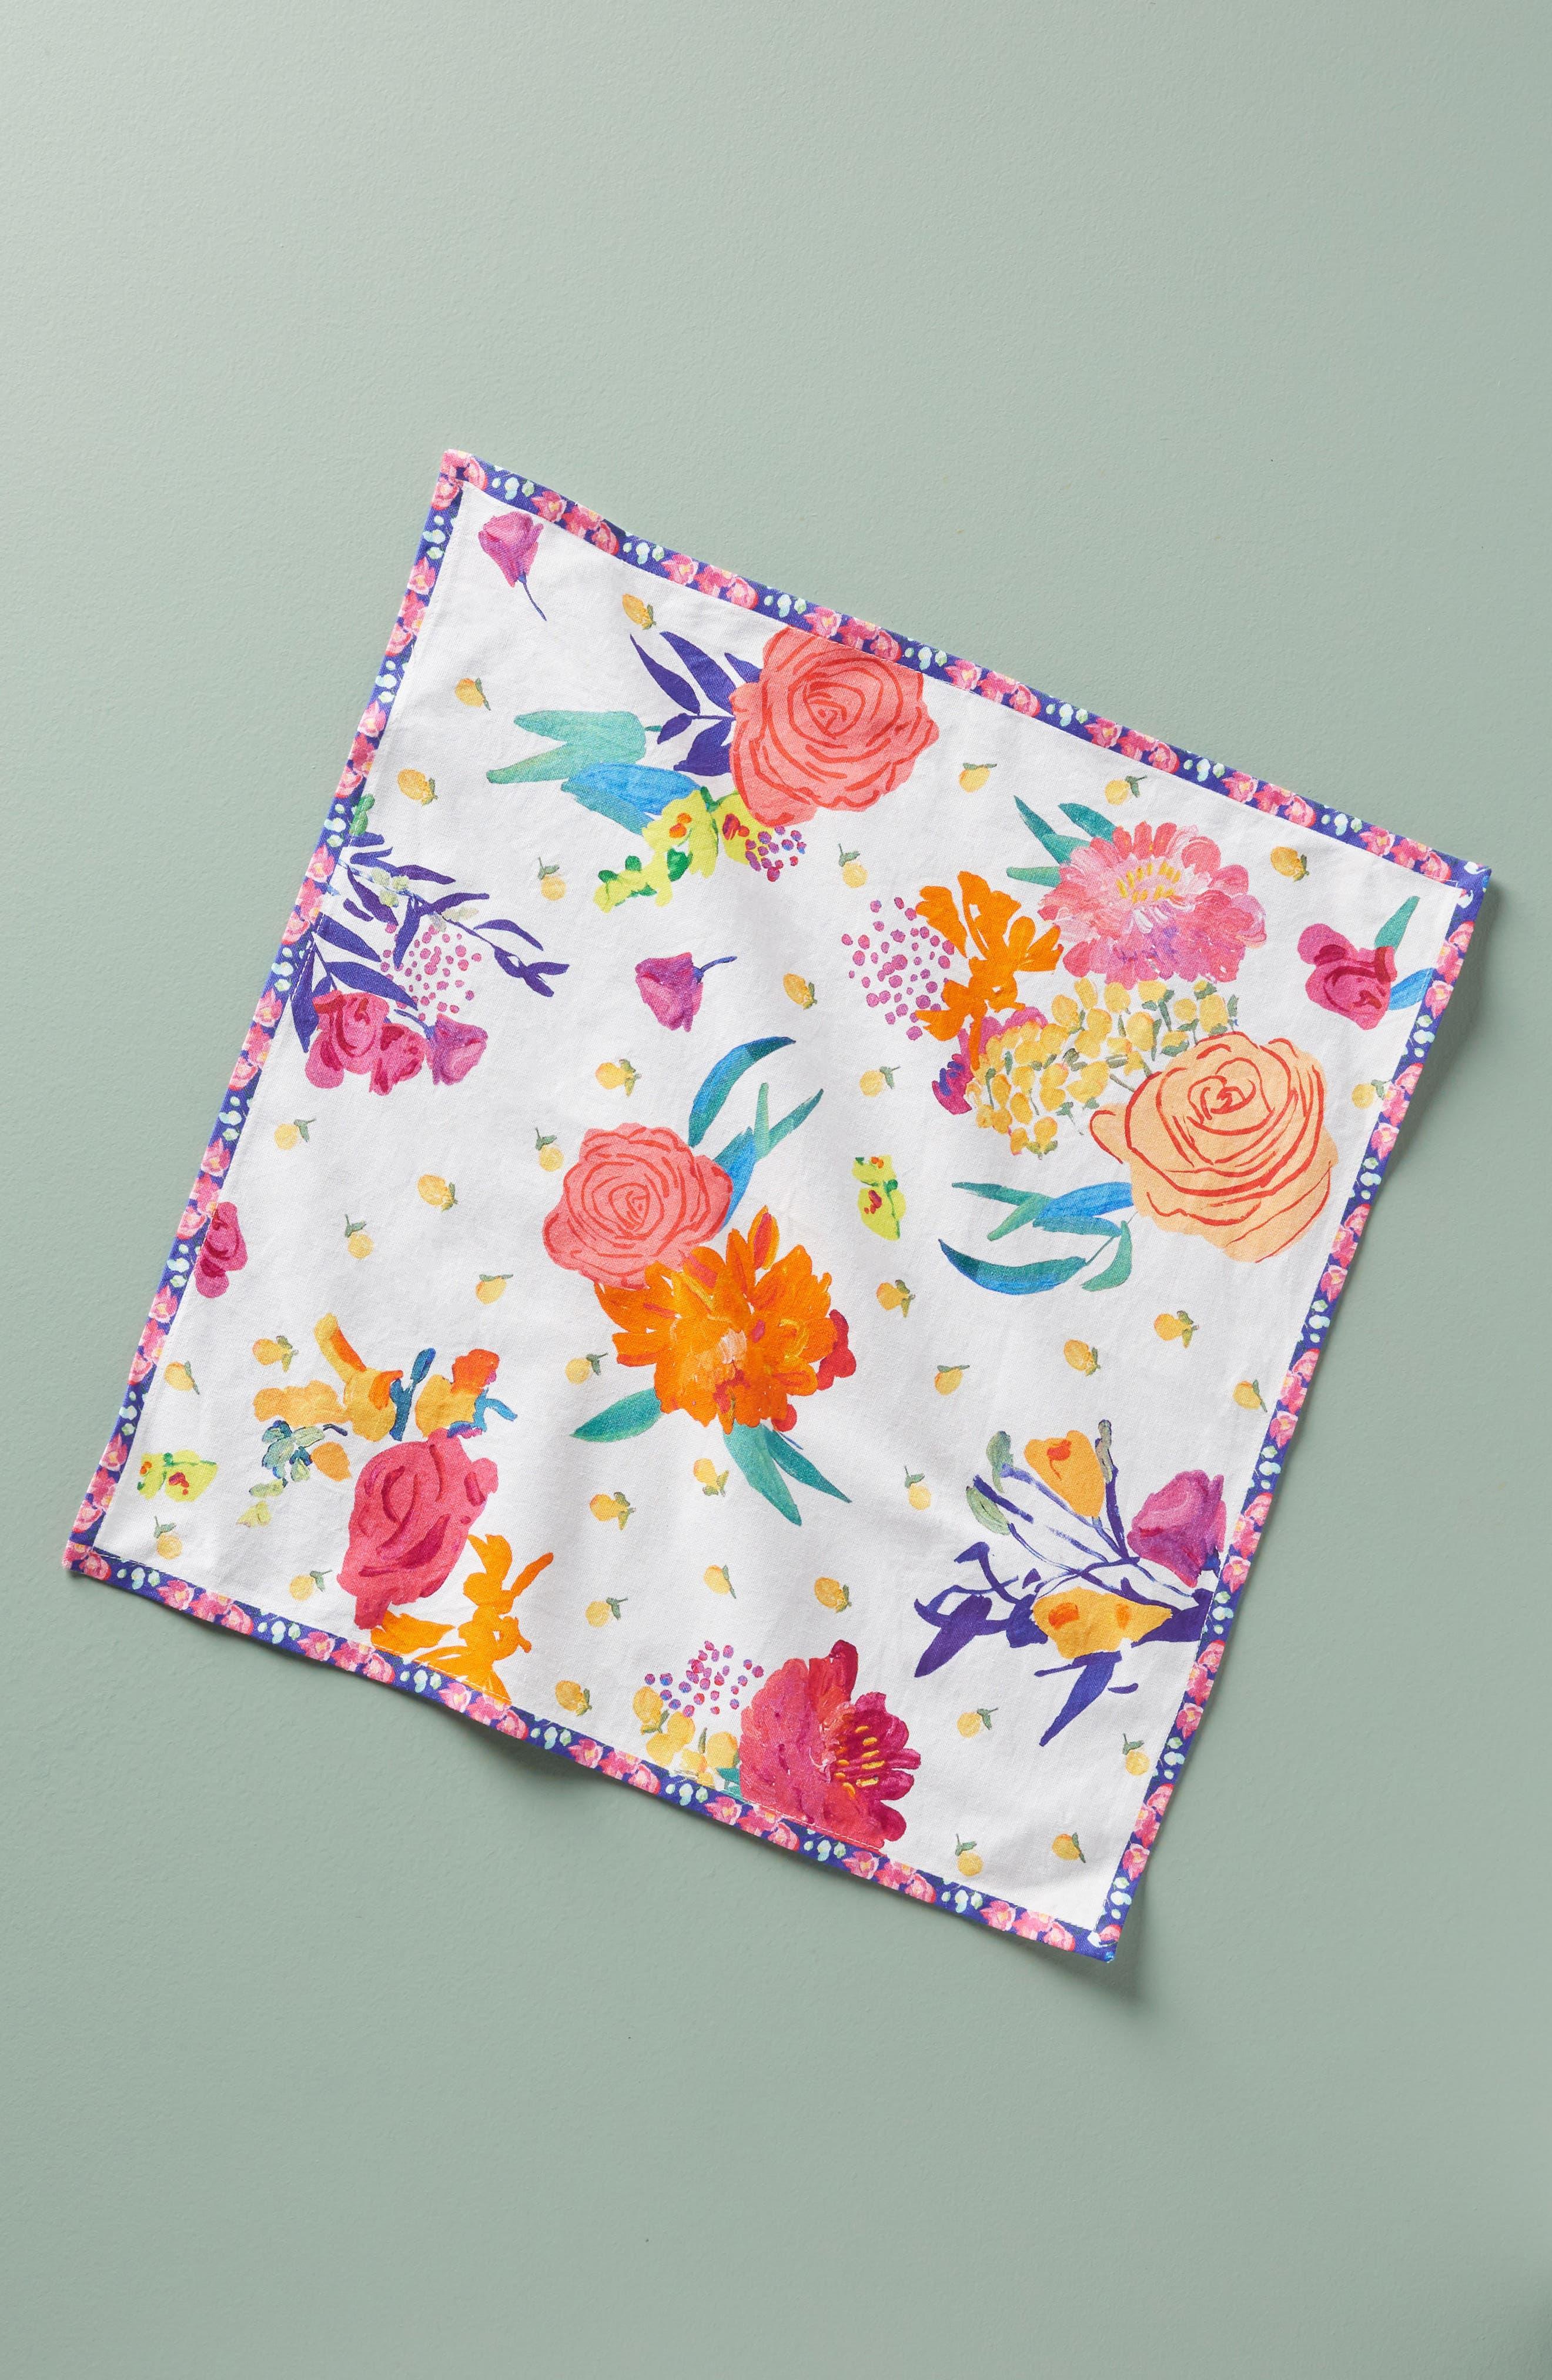 Paint + Petals Napkin,                         Main,                         color, Blue Combo